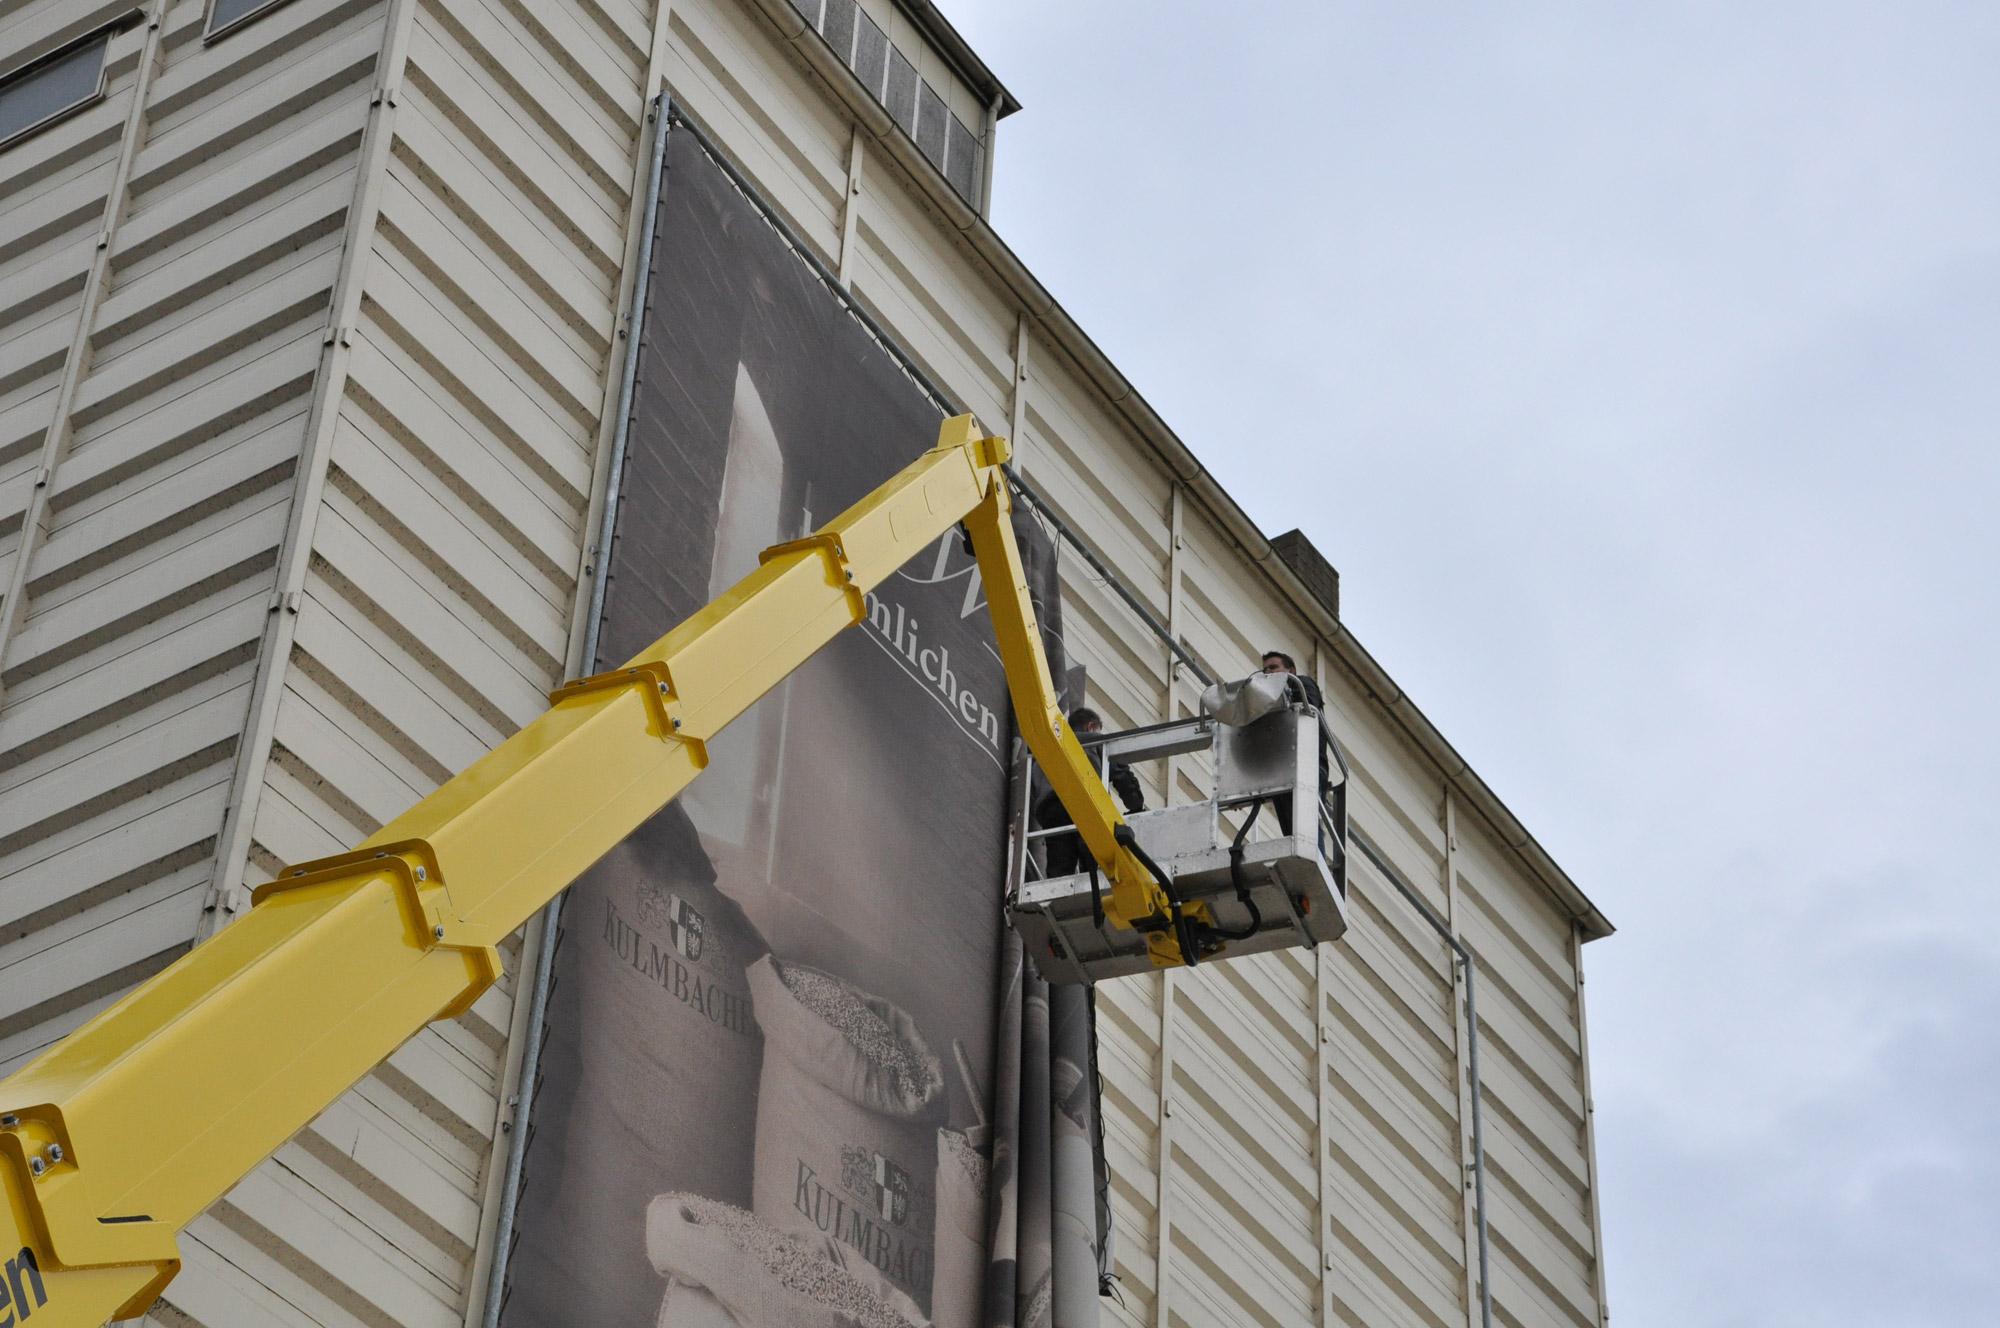 xxl mesh banner wechsel kuuk werbung werbetechnik. Black Bedroom Furniture Sets. Home Design Ideas